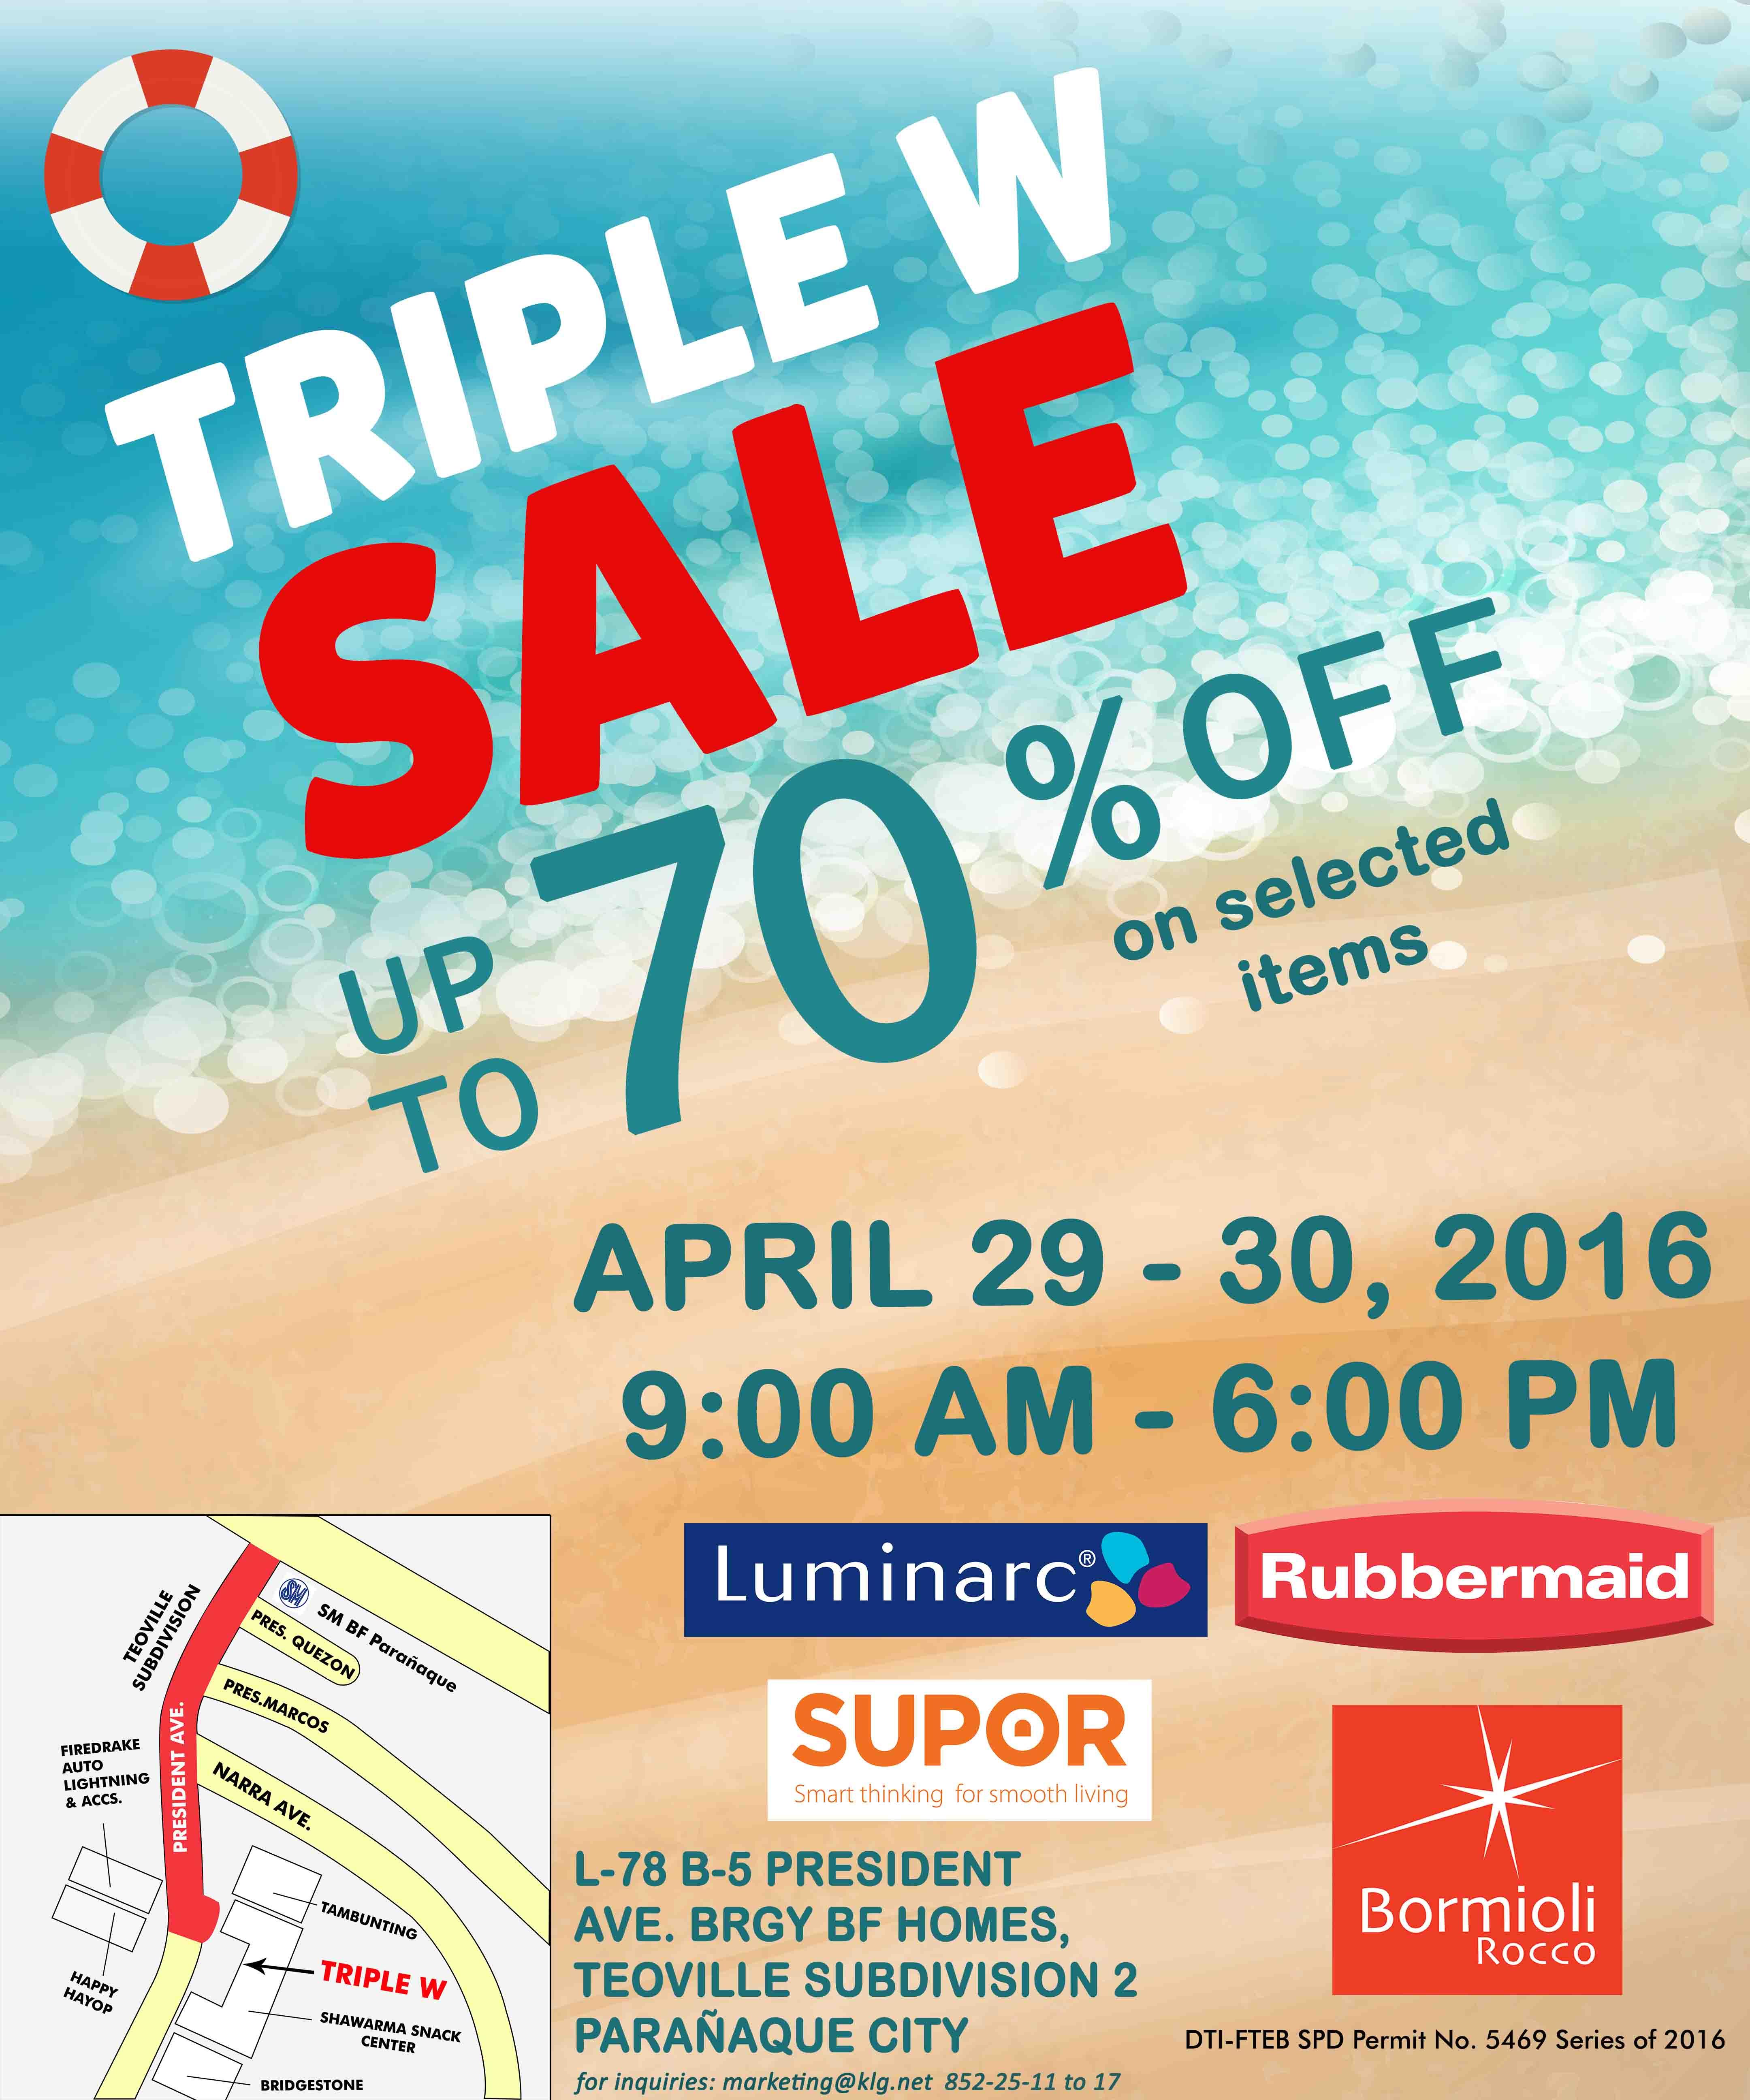 TRIPLE W SALE APRIL 29-30